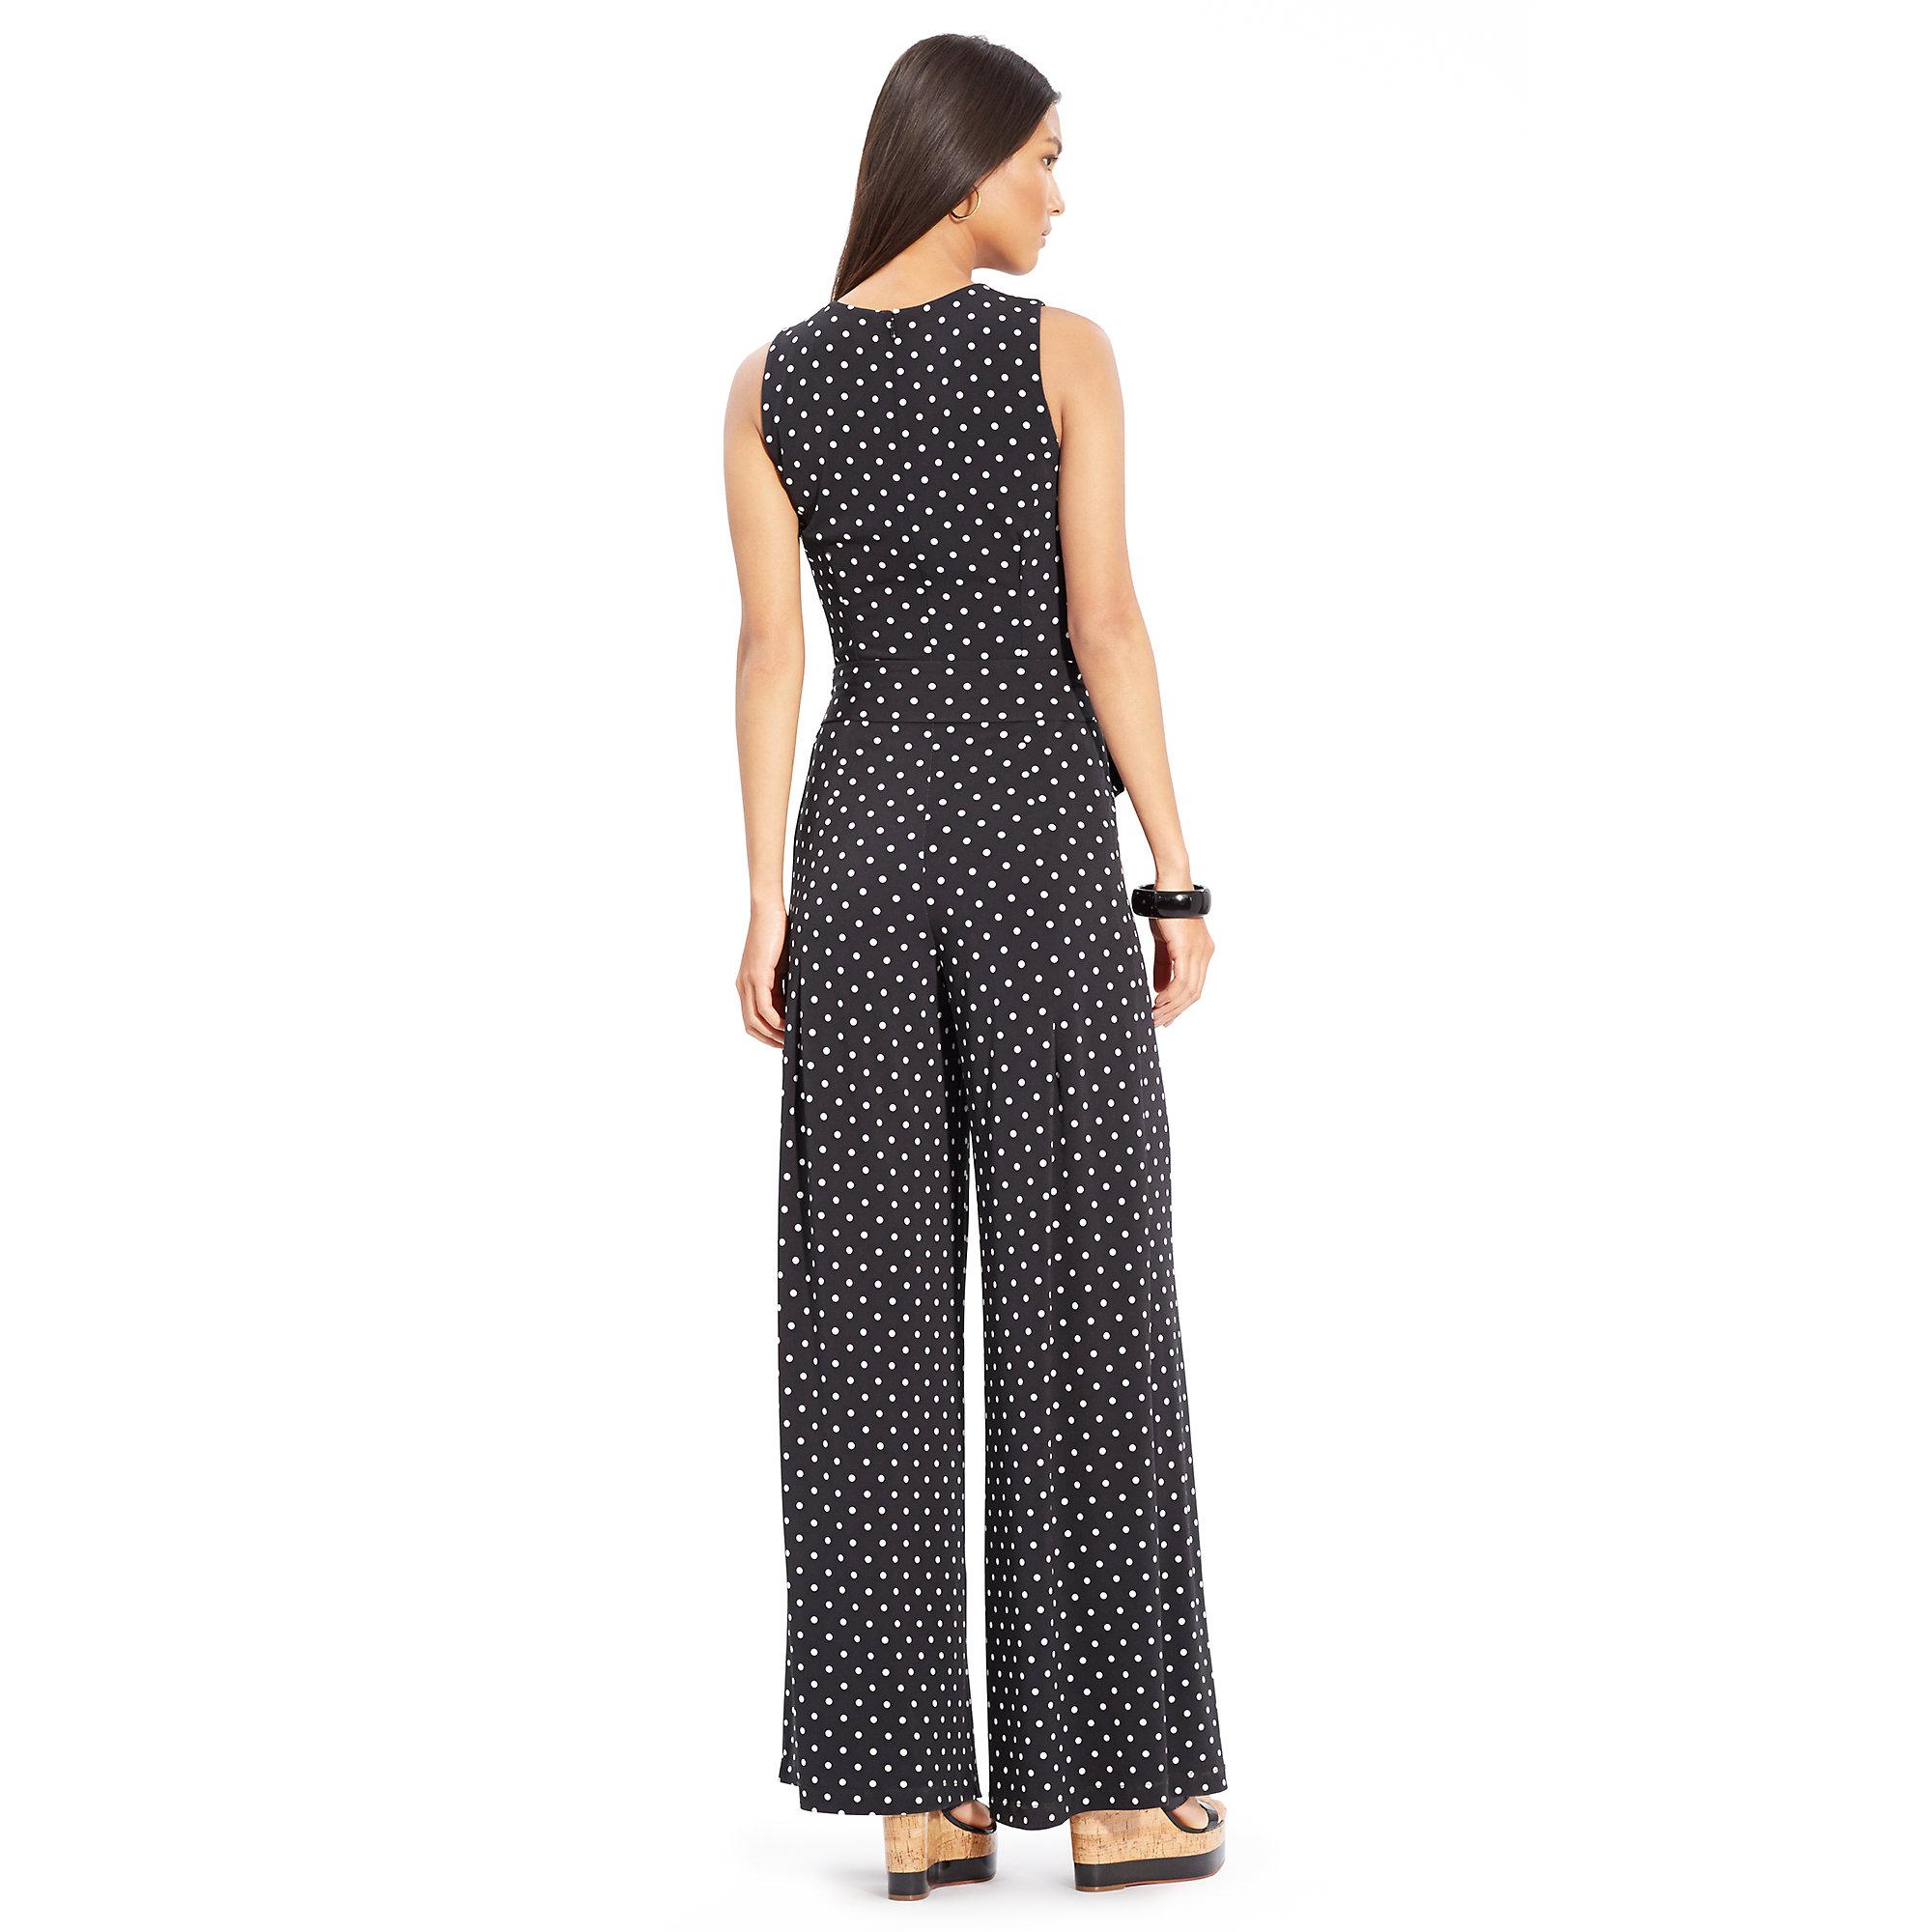 2e903ec7b635 Lyst - Lauren by Ralph Lauren Petite Sleeveless Polka-Dot Jumpsuit ...